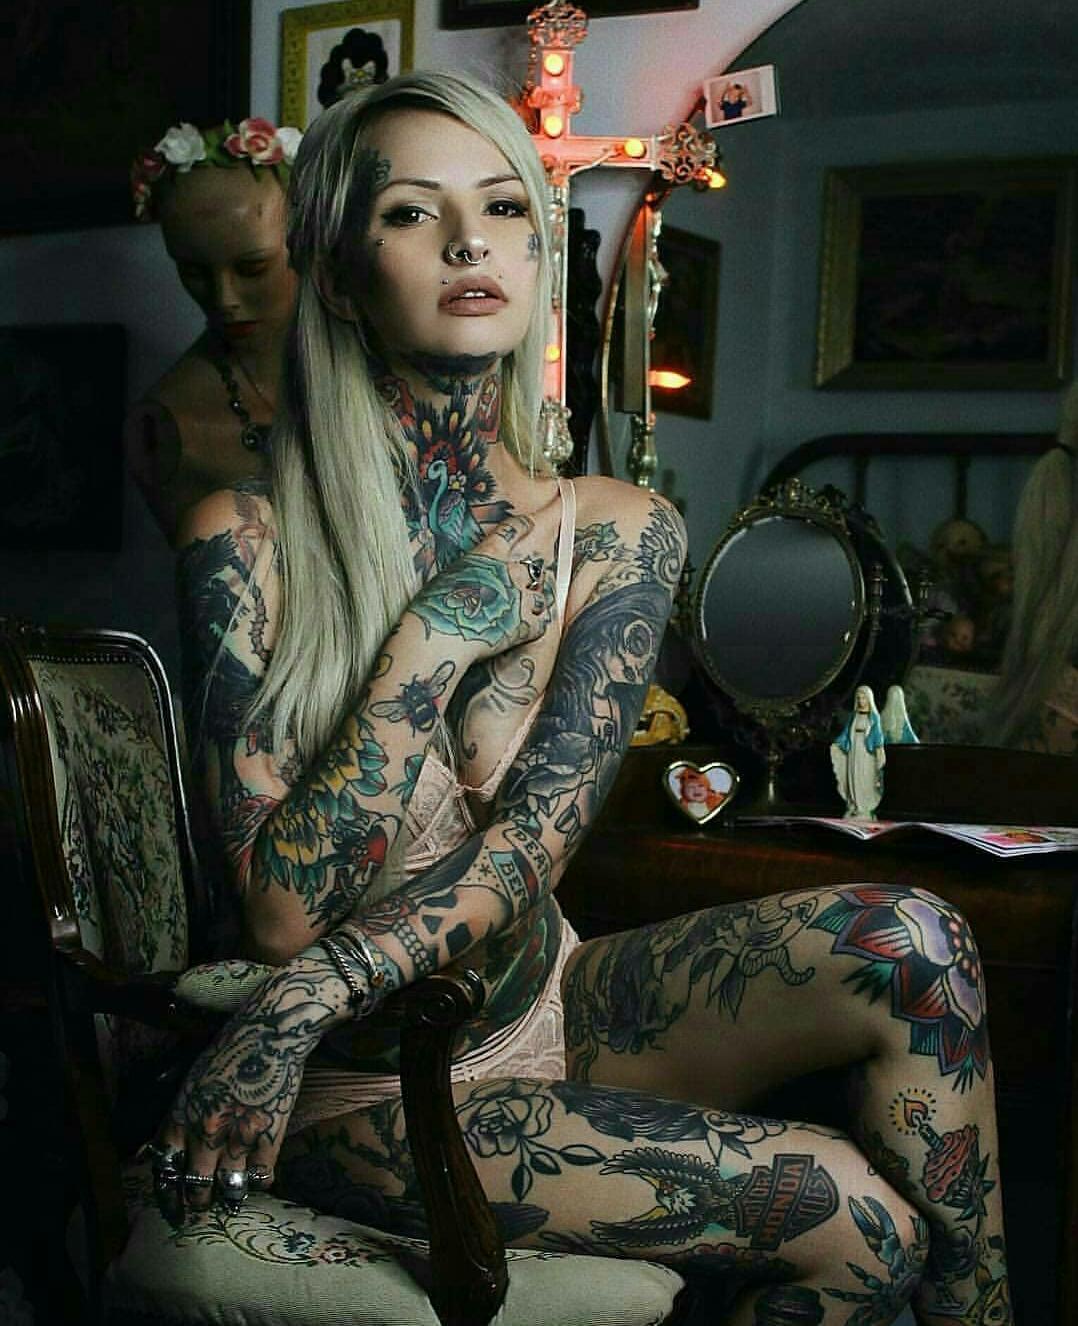 Si te gustan las chicas tatuadas, este es tu post! Entrá!